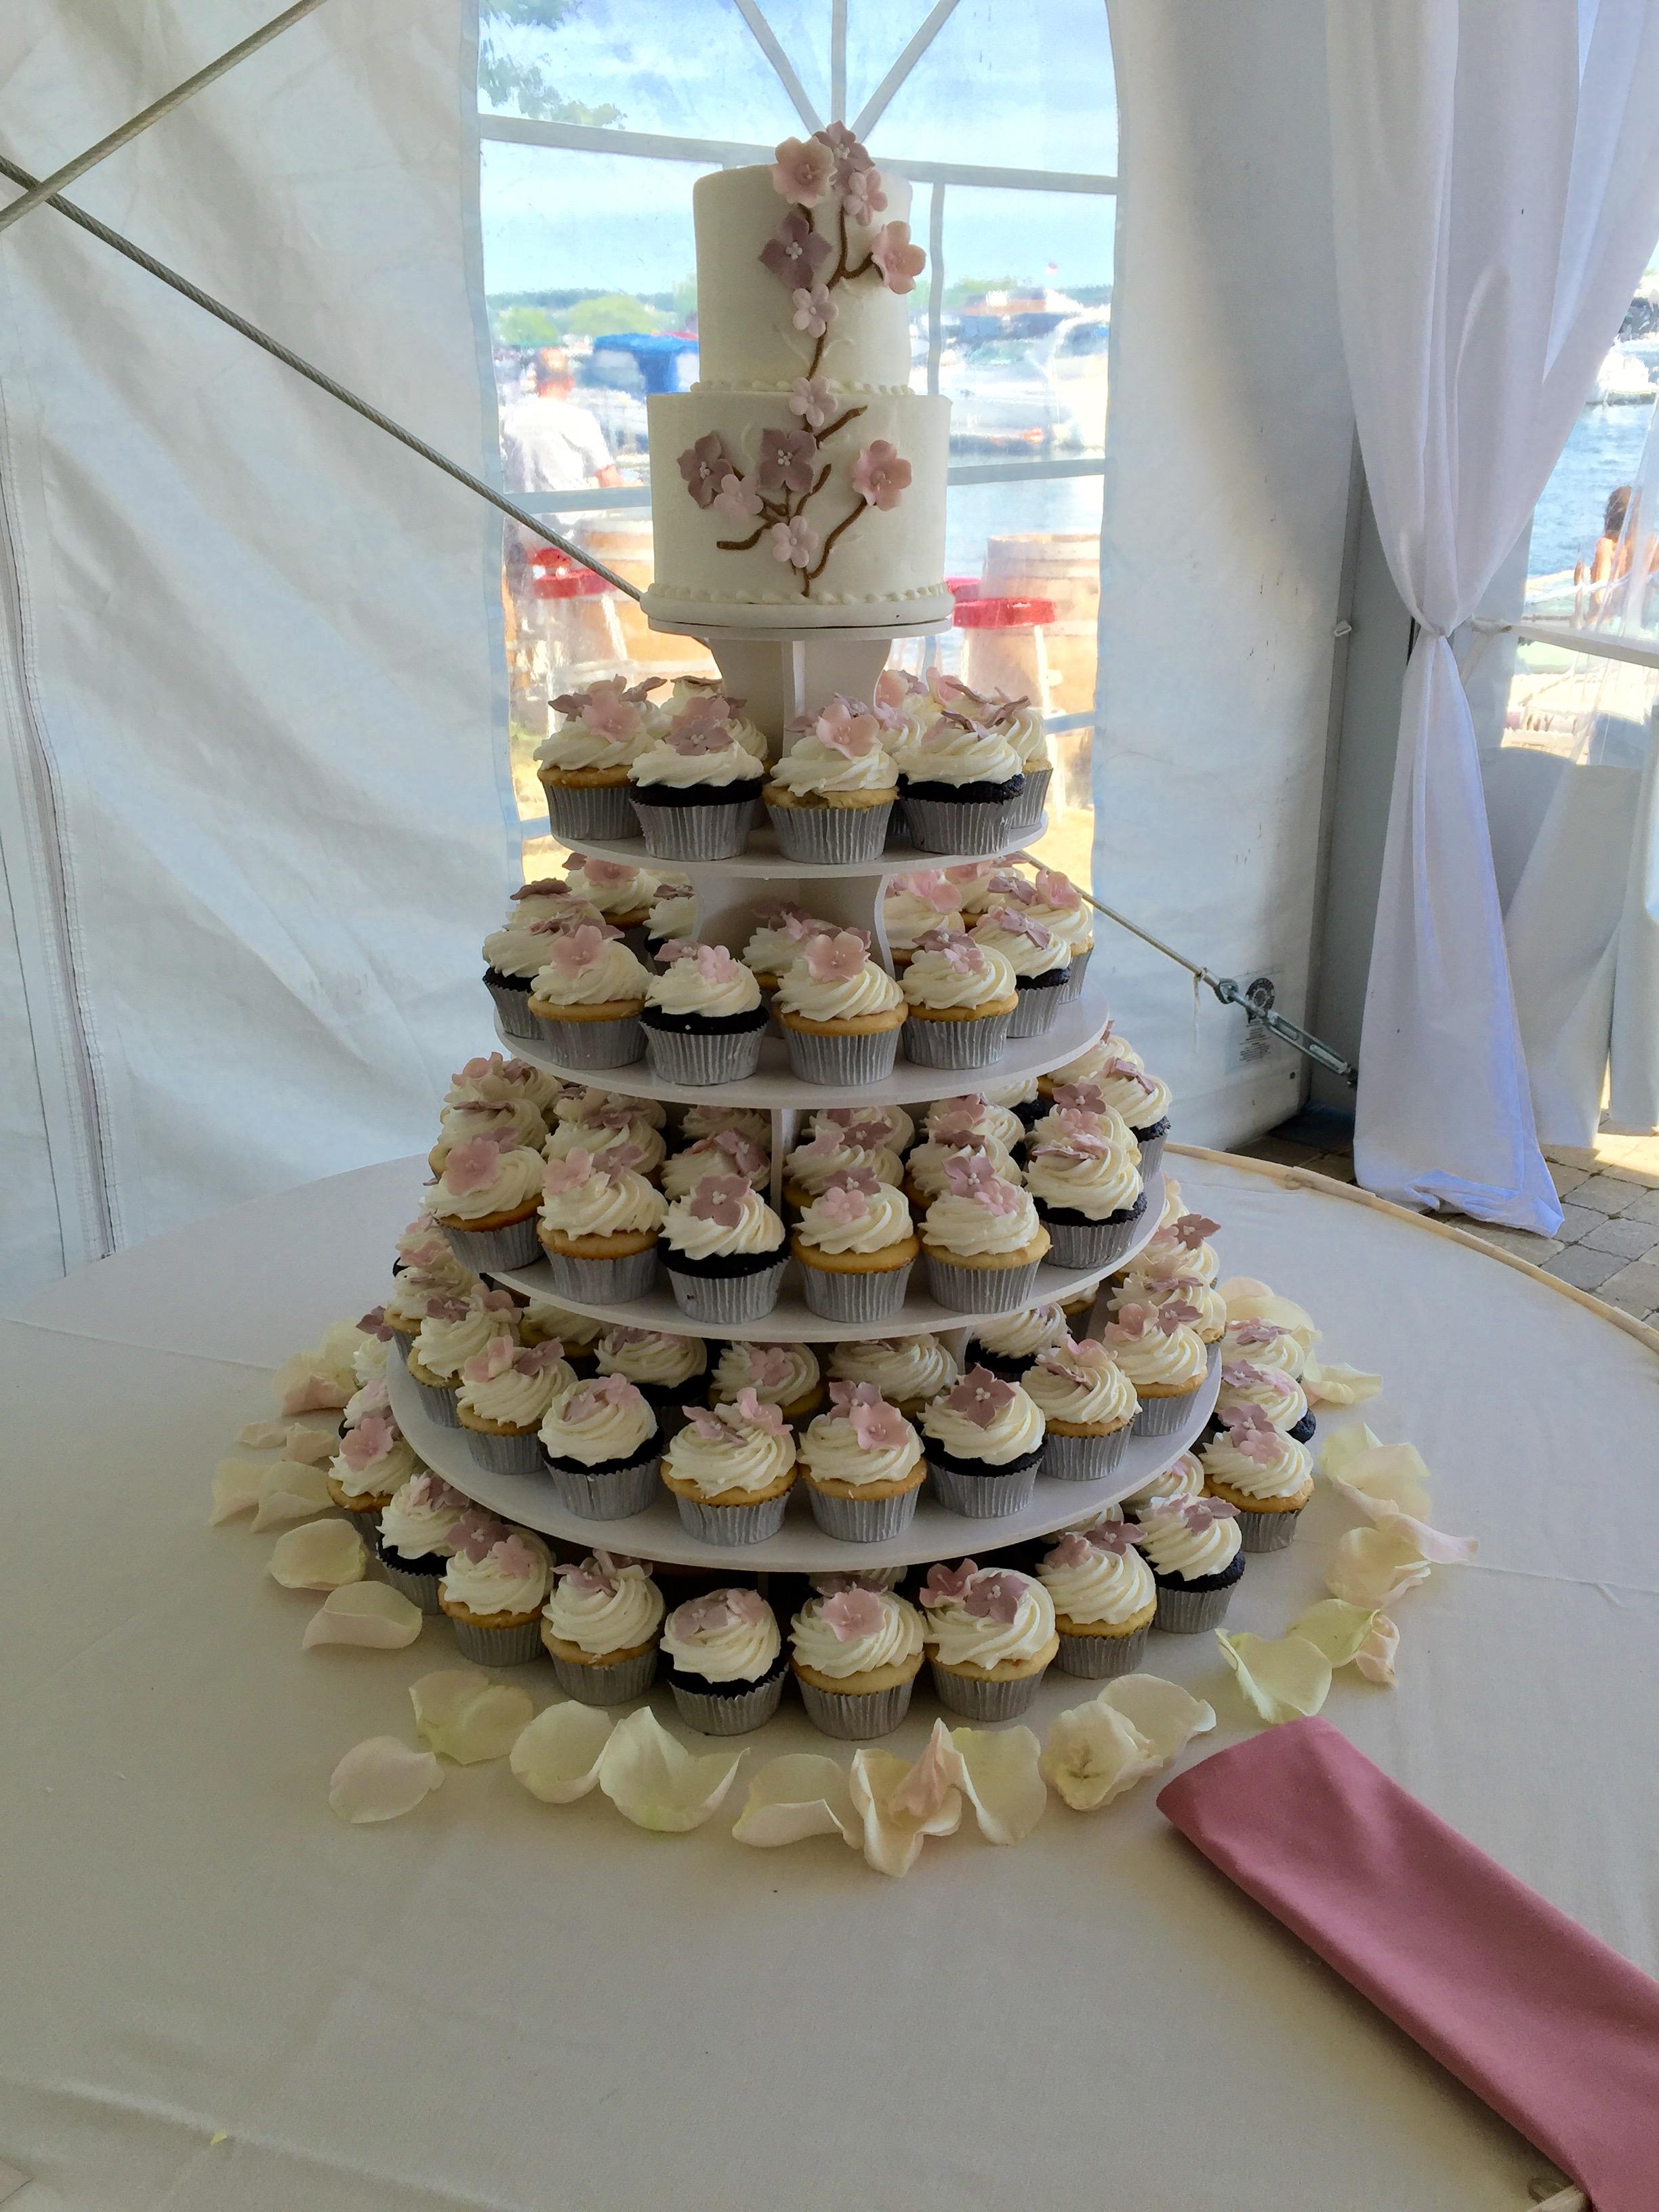 Wedding Cake wCupcakes21 Display